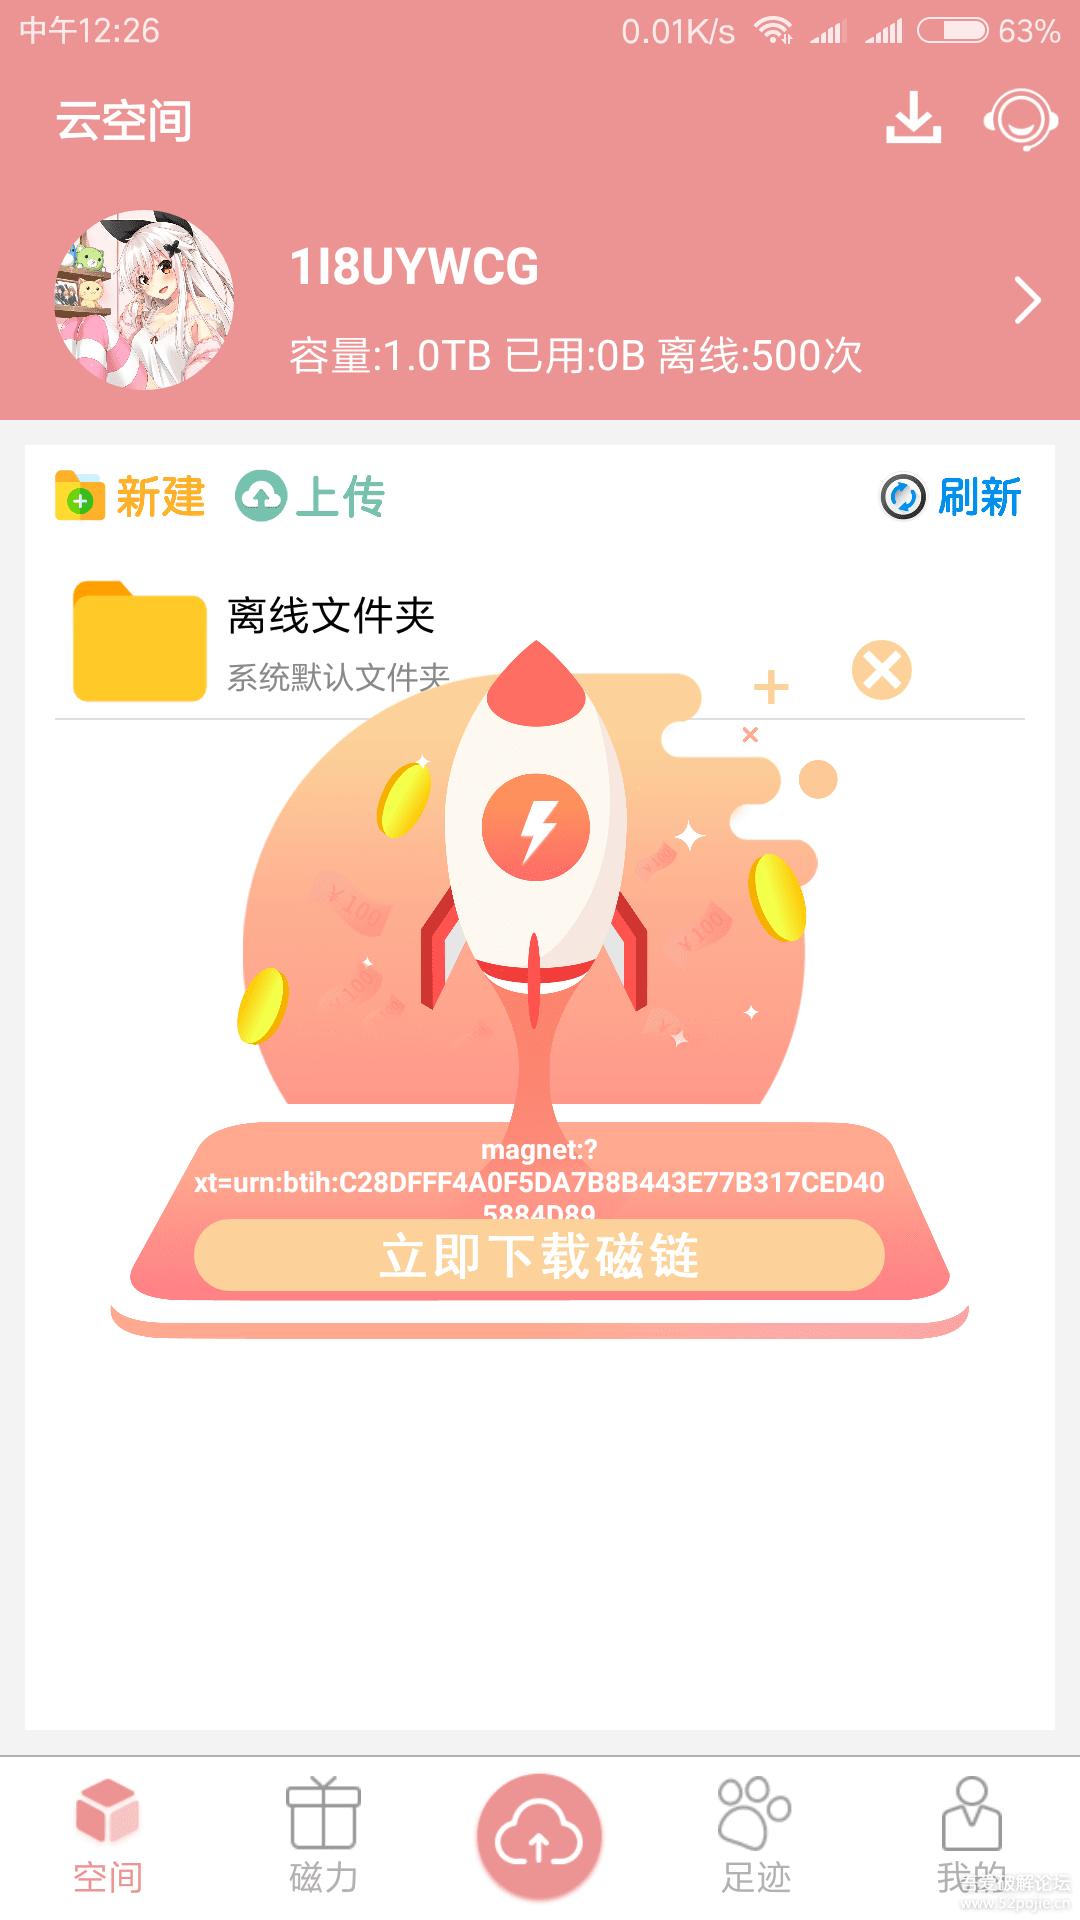 【磁力云-永久免费】支持bt种子,磁力链接在线预览和高速下载